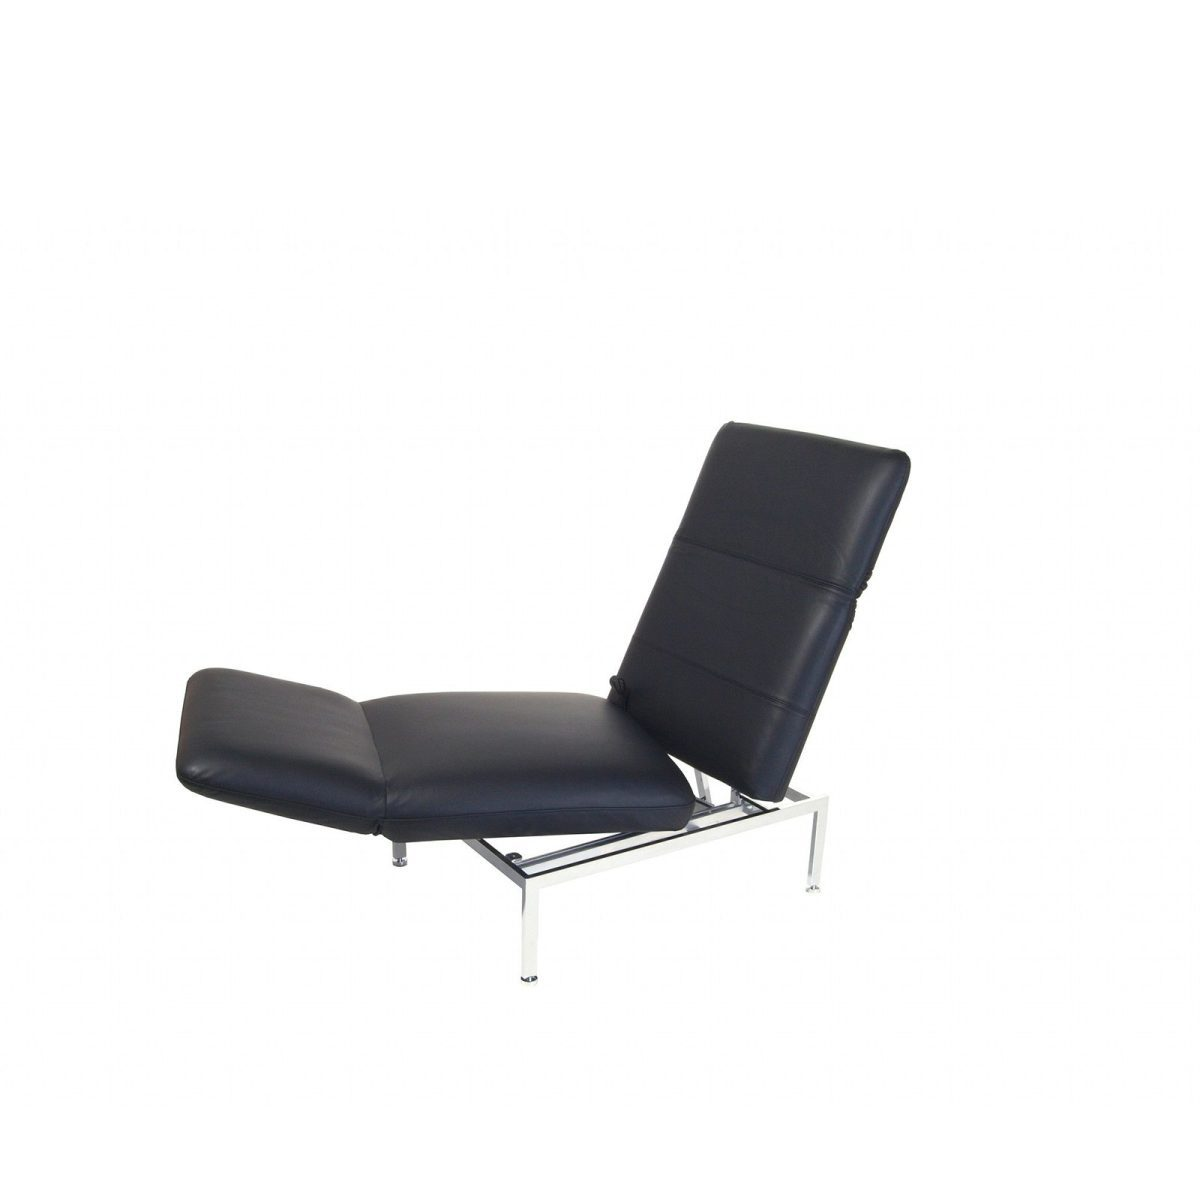 Brühl Sessel, Sofas, Funktionssofas und Schlafsofa online kaufen